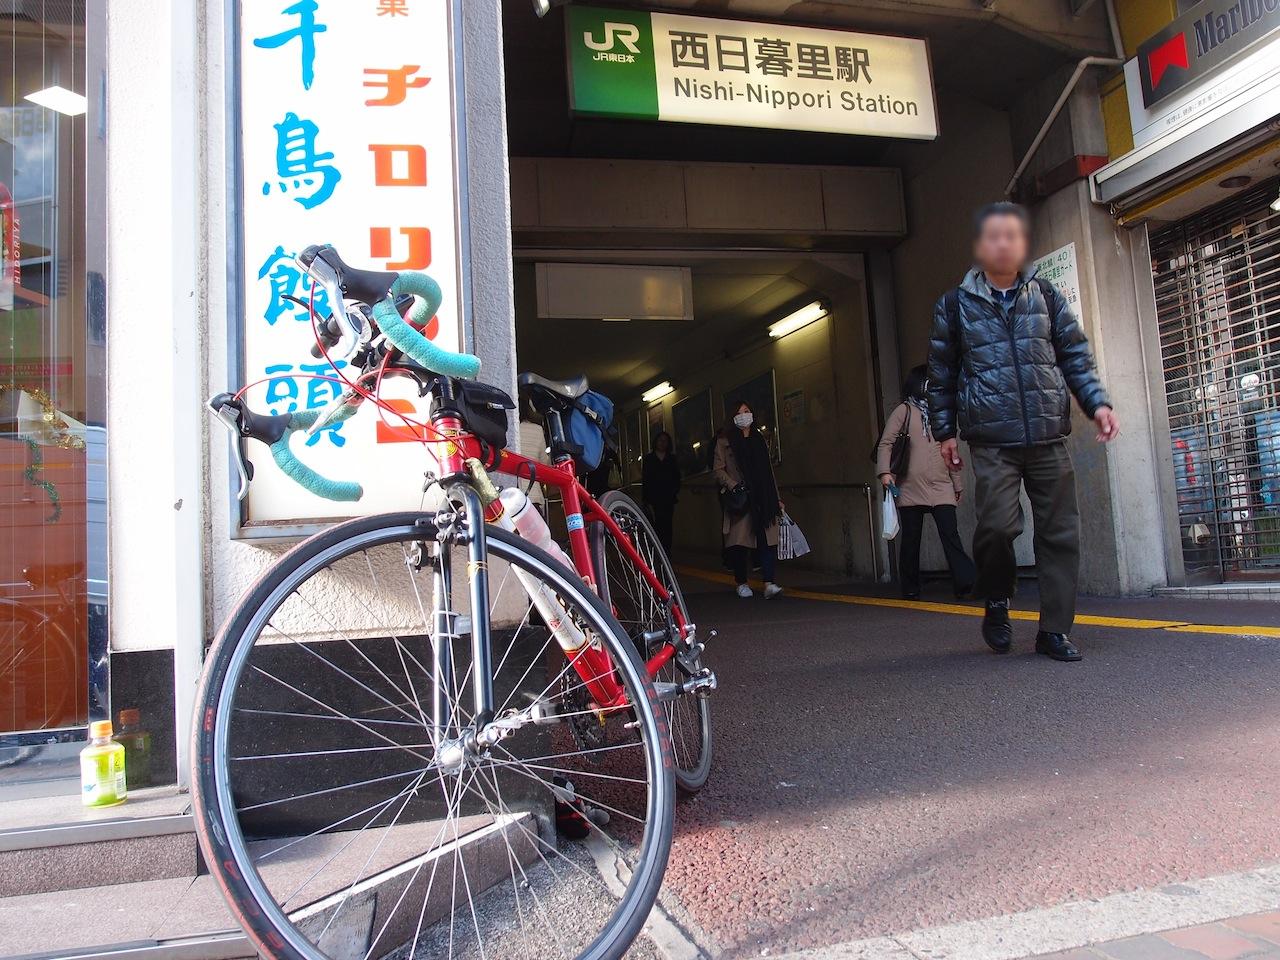 0934Nishi_Nippori.jpg